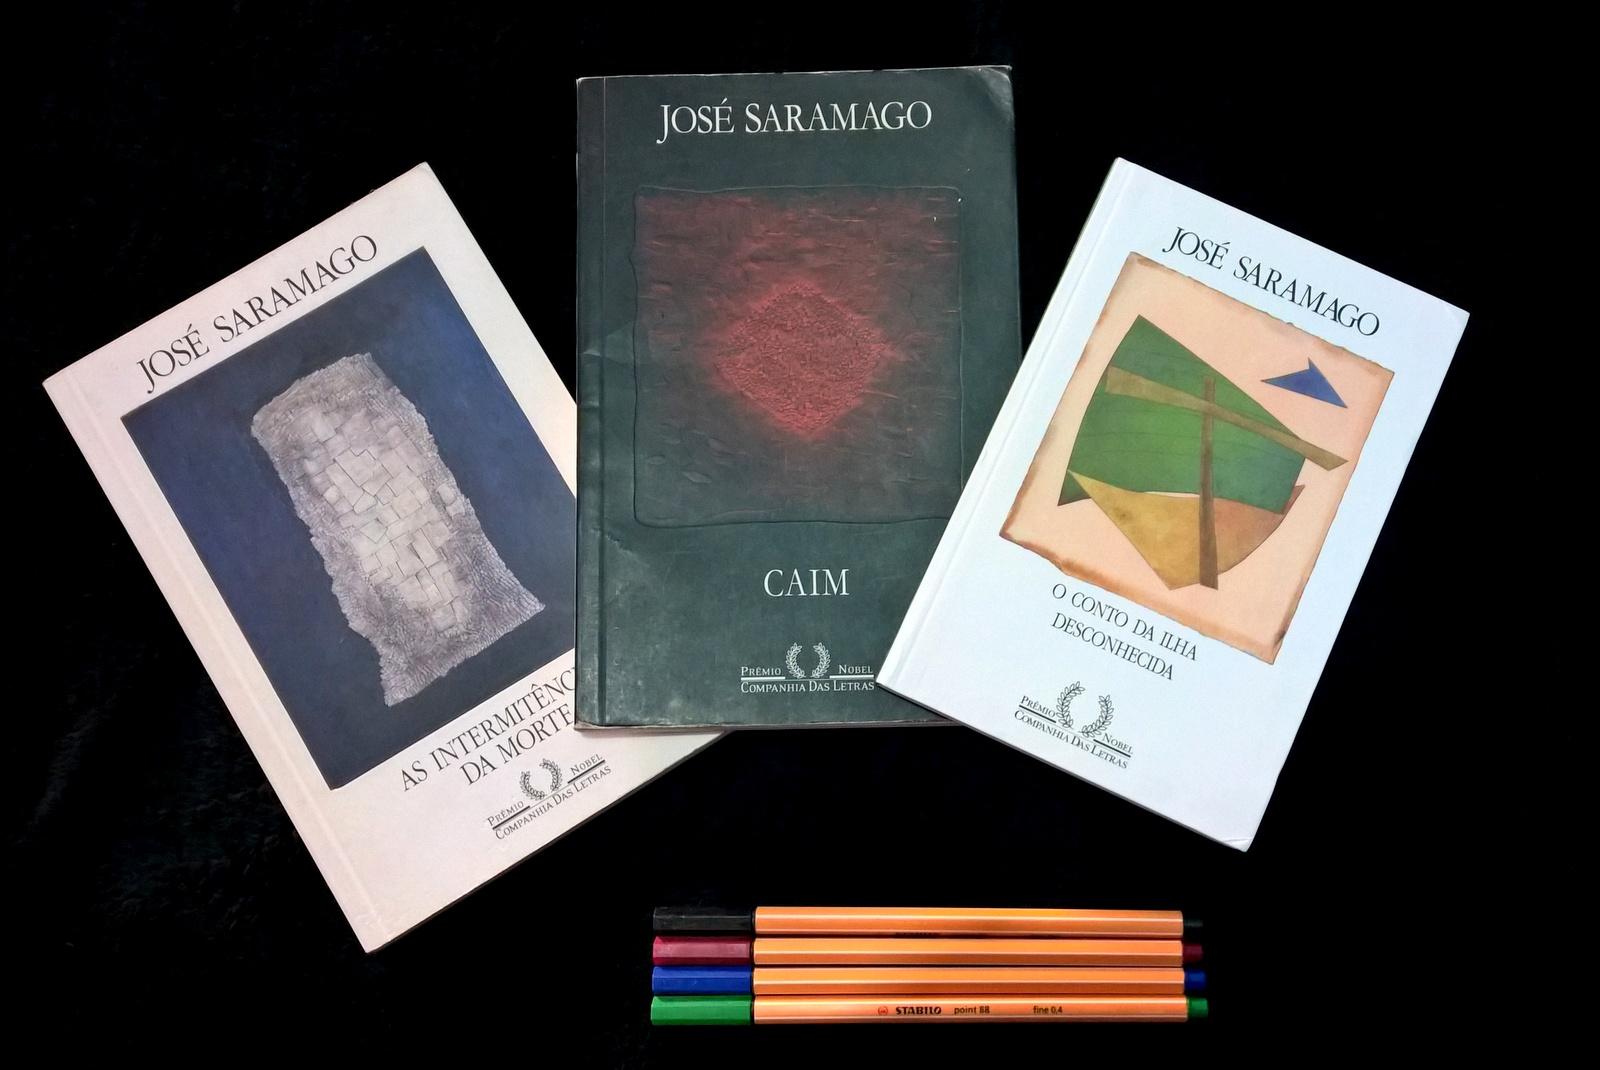 00b9cb3d7 UNIVERSO DOS LEITORES: 3 livros para conhecer José Saramago